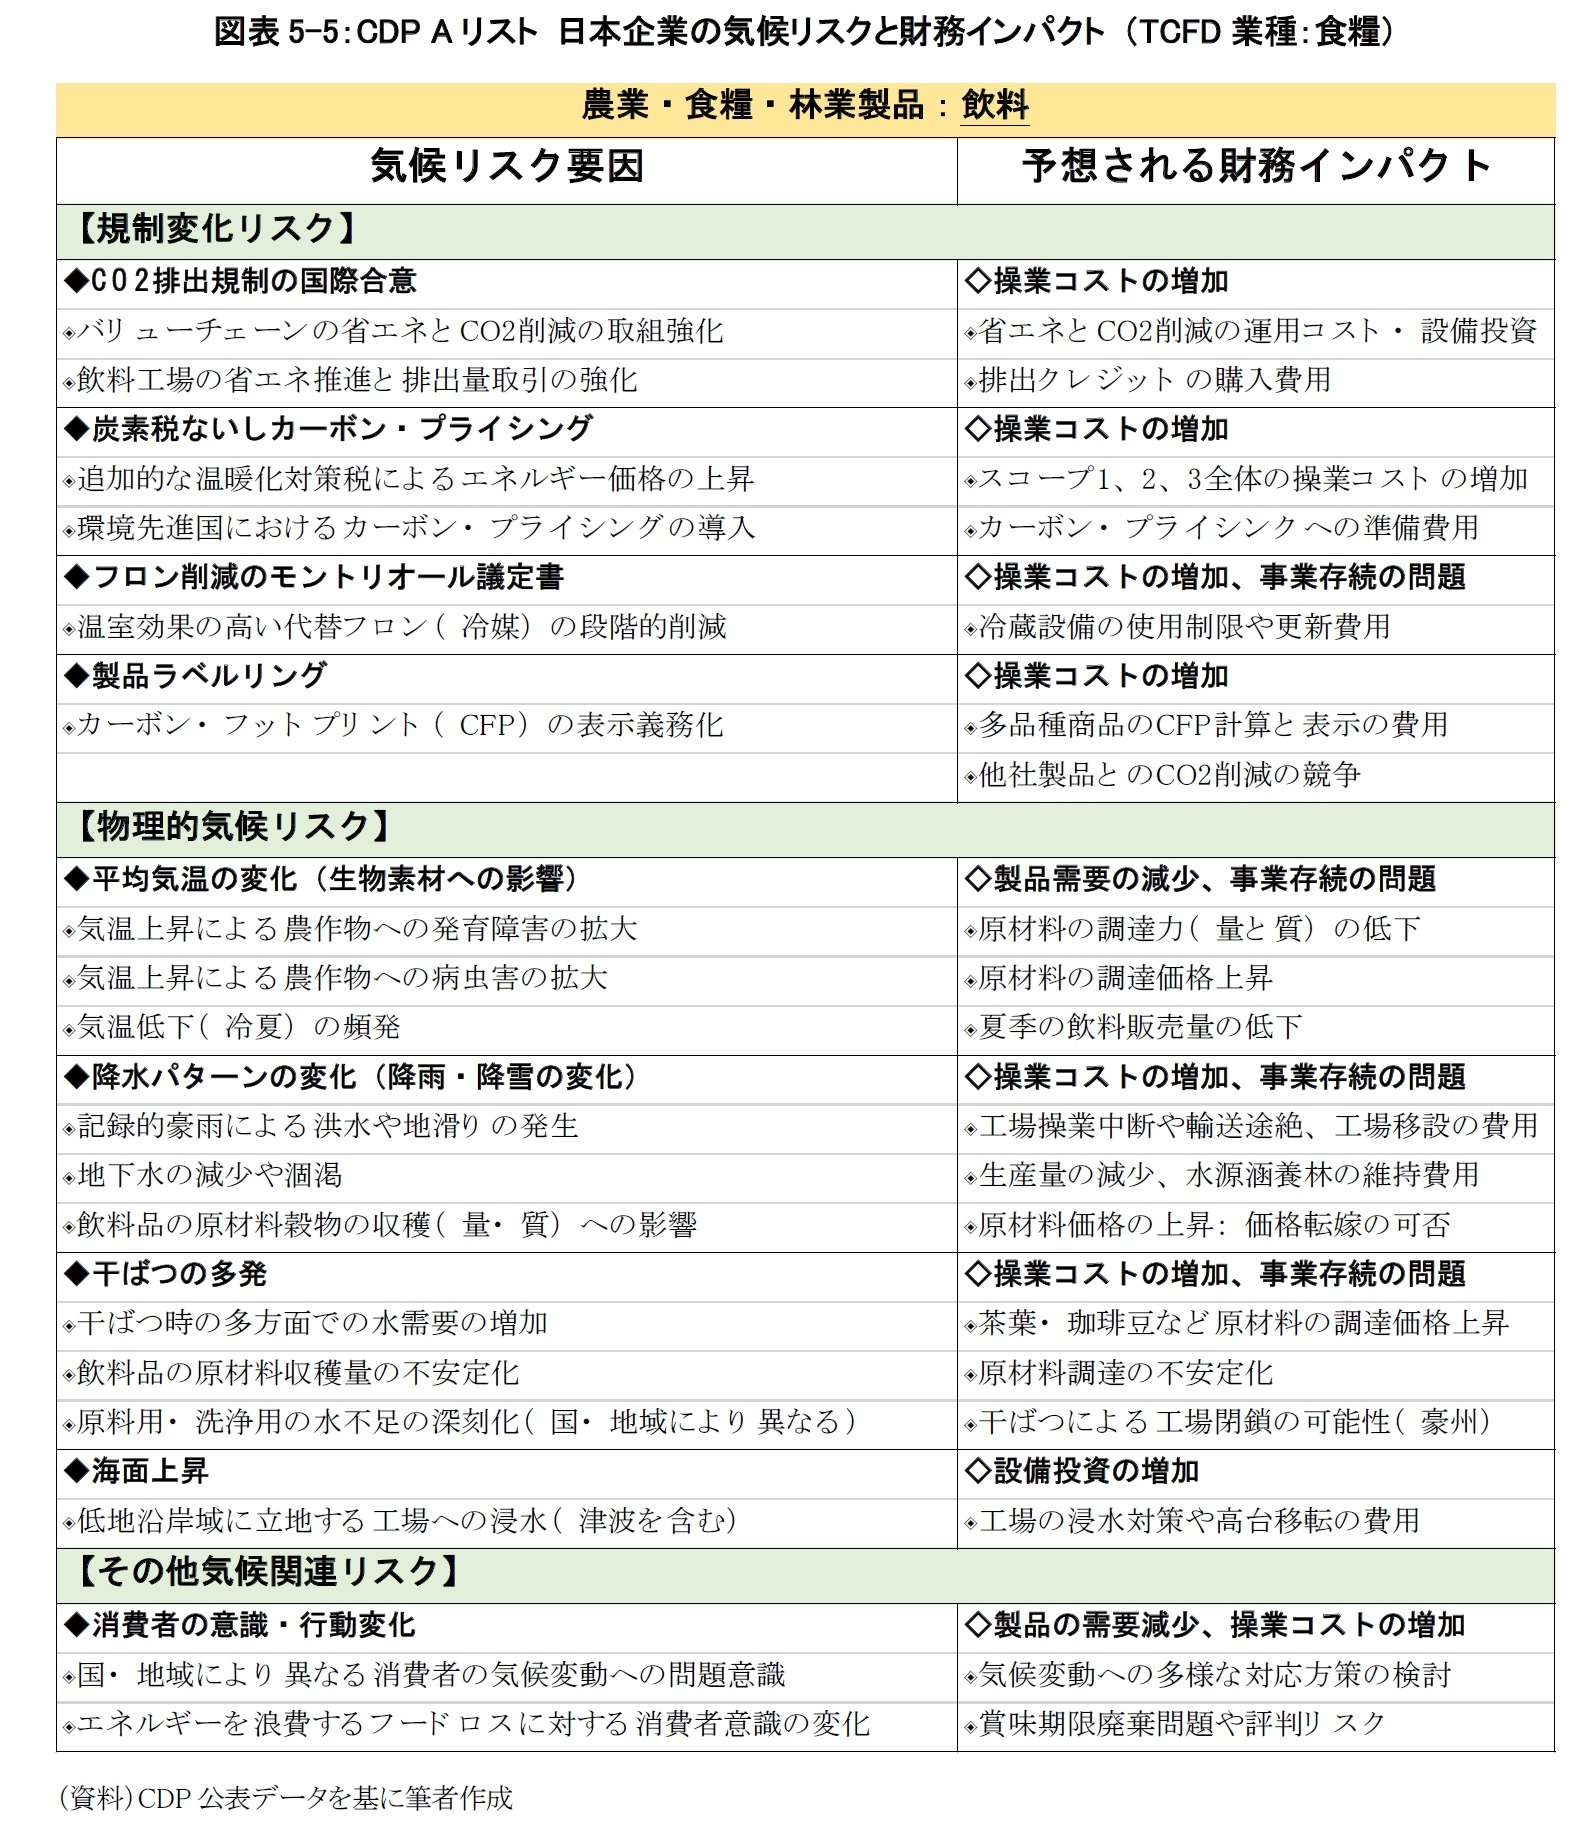 図表5-5:CDP Aリスト 日本企業の気候リスクと財務インパクト (TCFD業種:食糧)